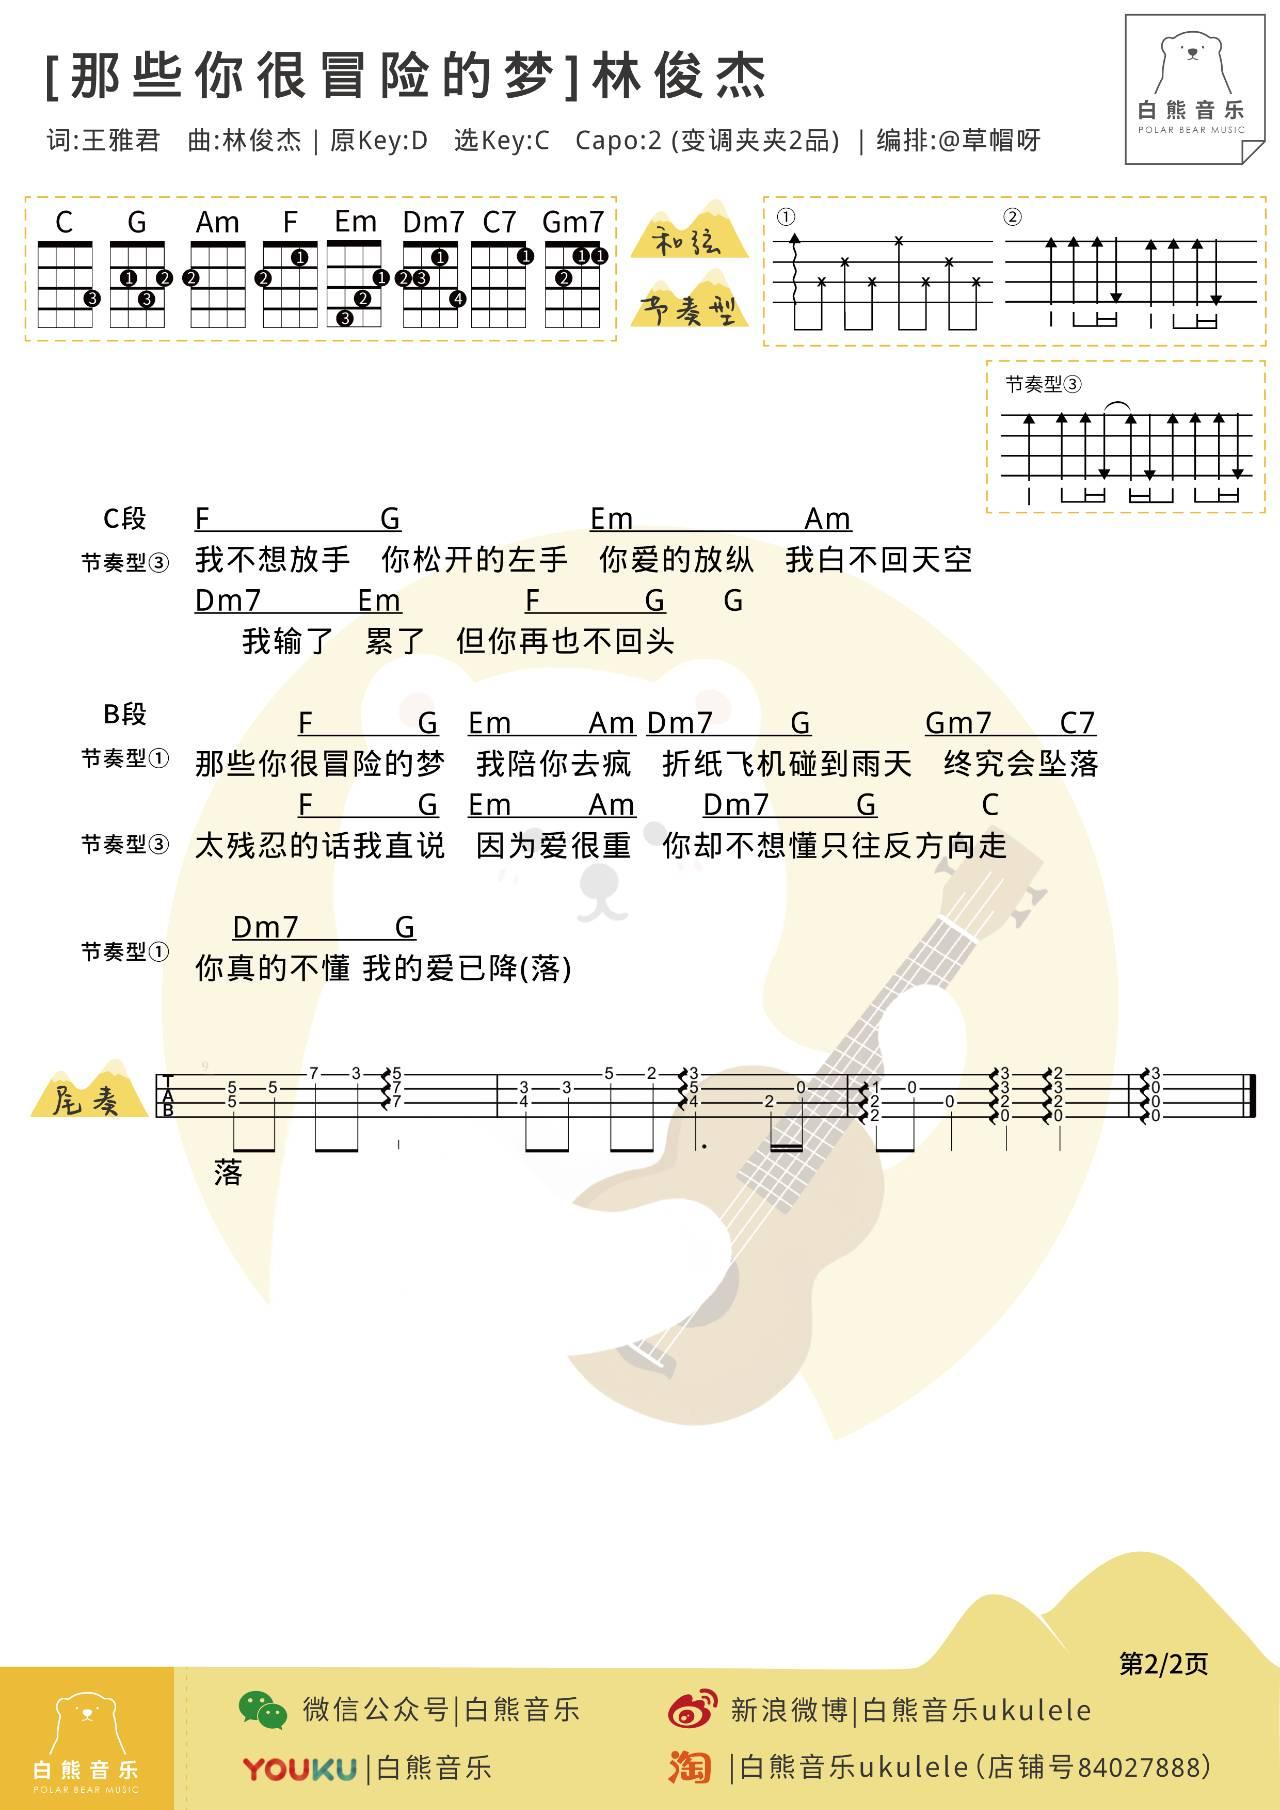 《那些你很冒险的梦》ukulele谱